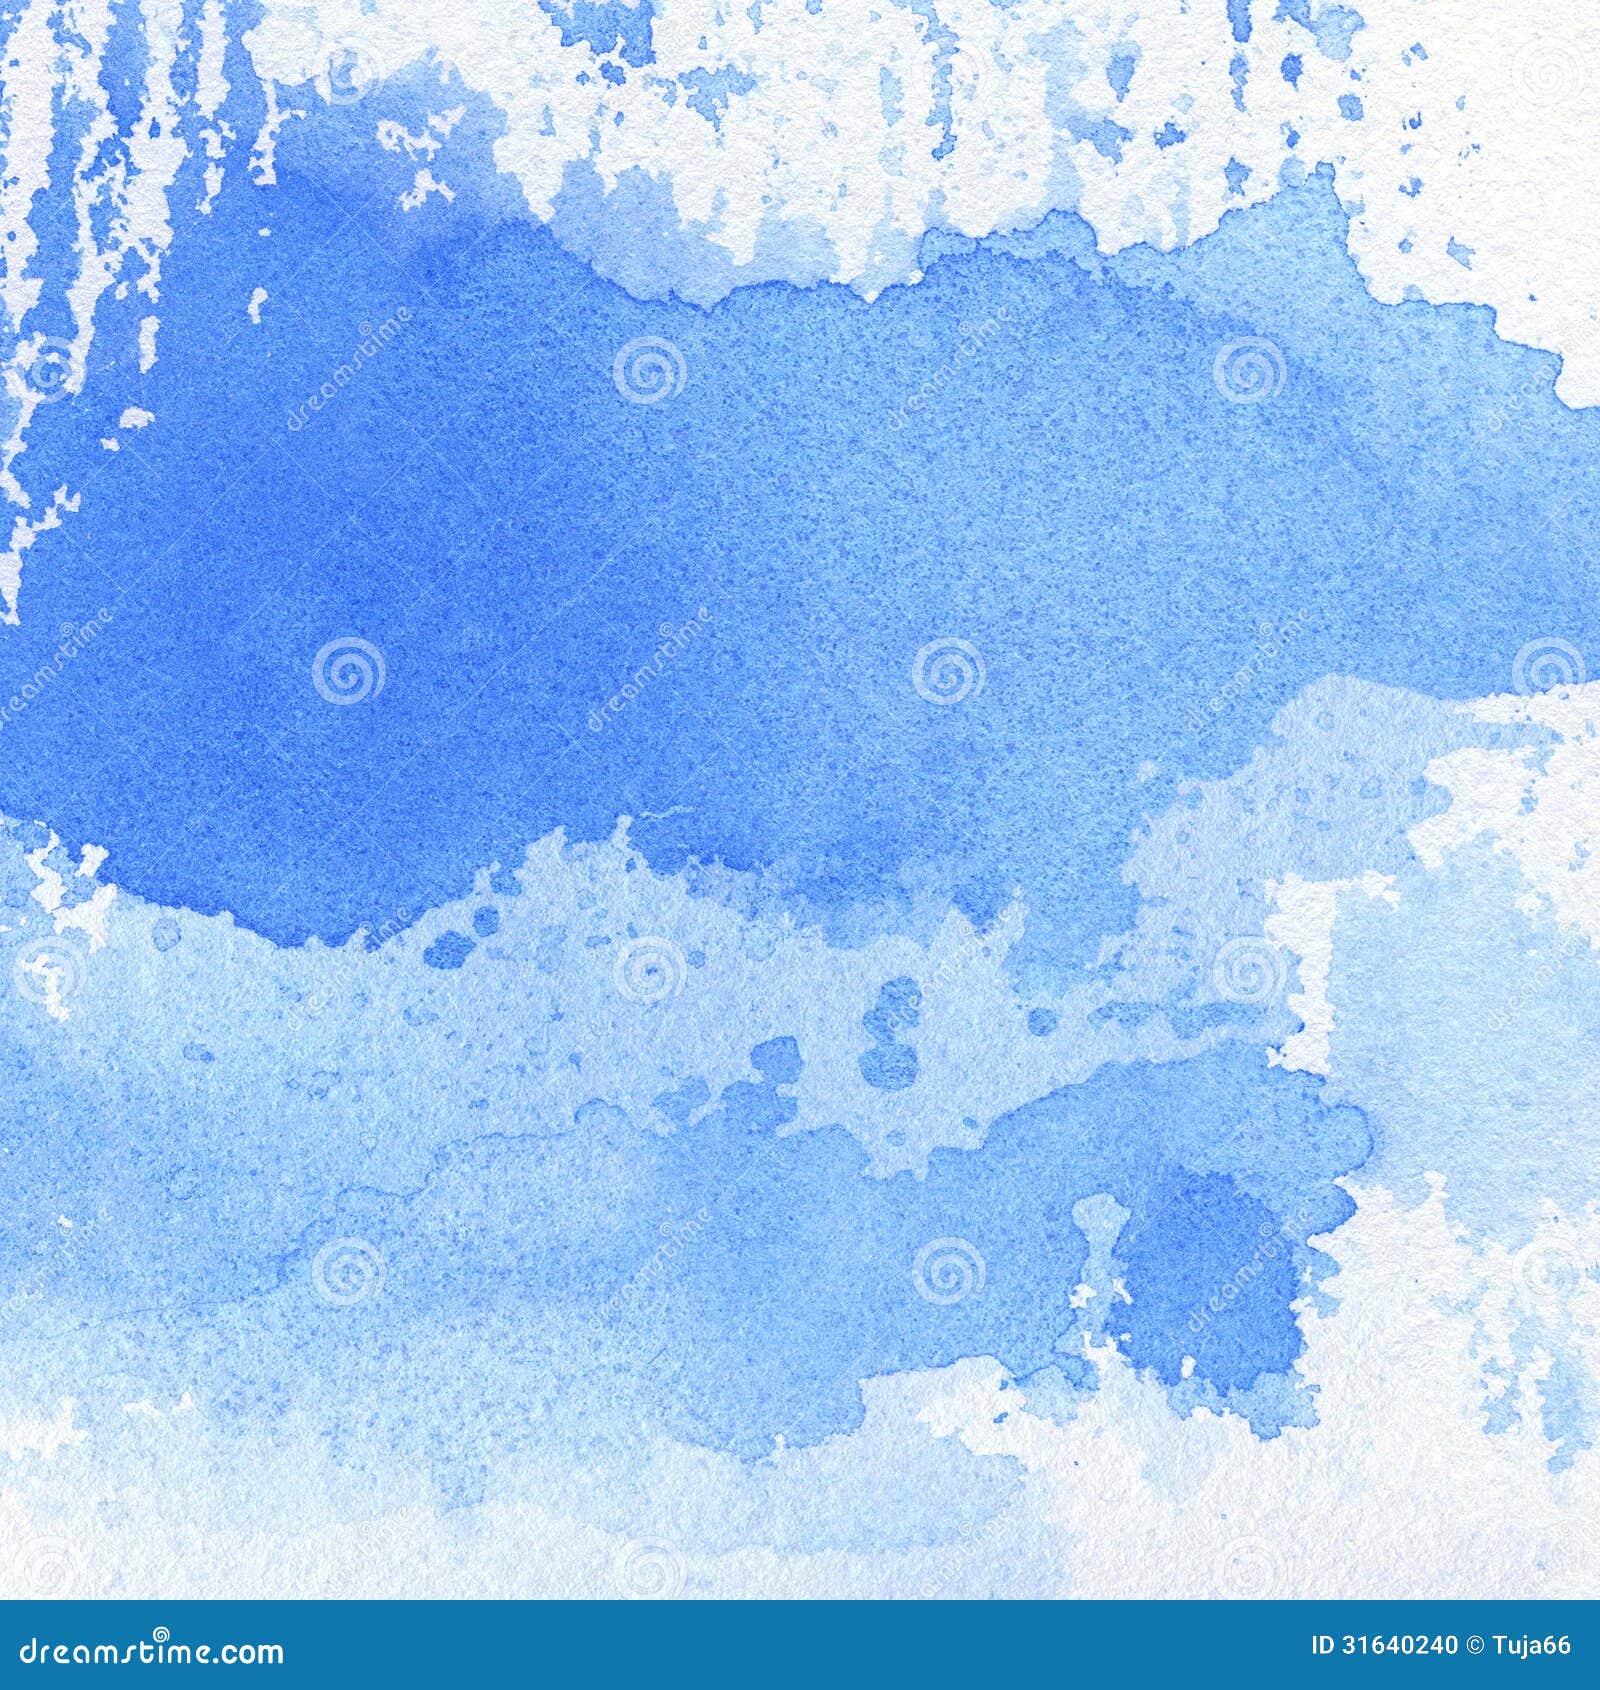 Watercolor Paint Tool Sai Textures